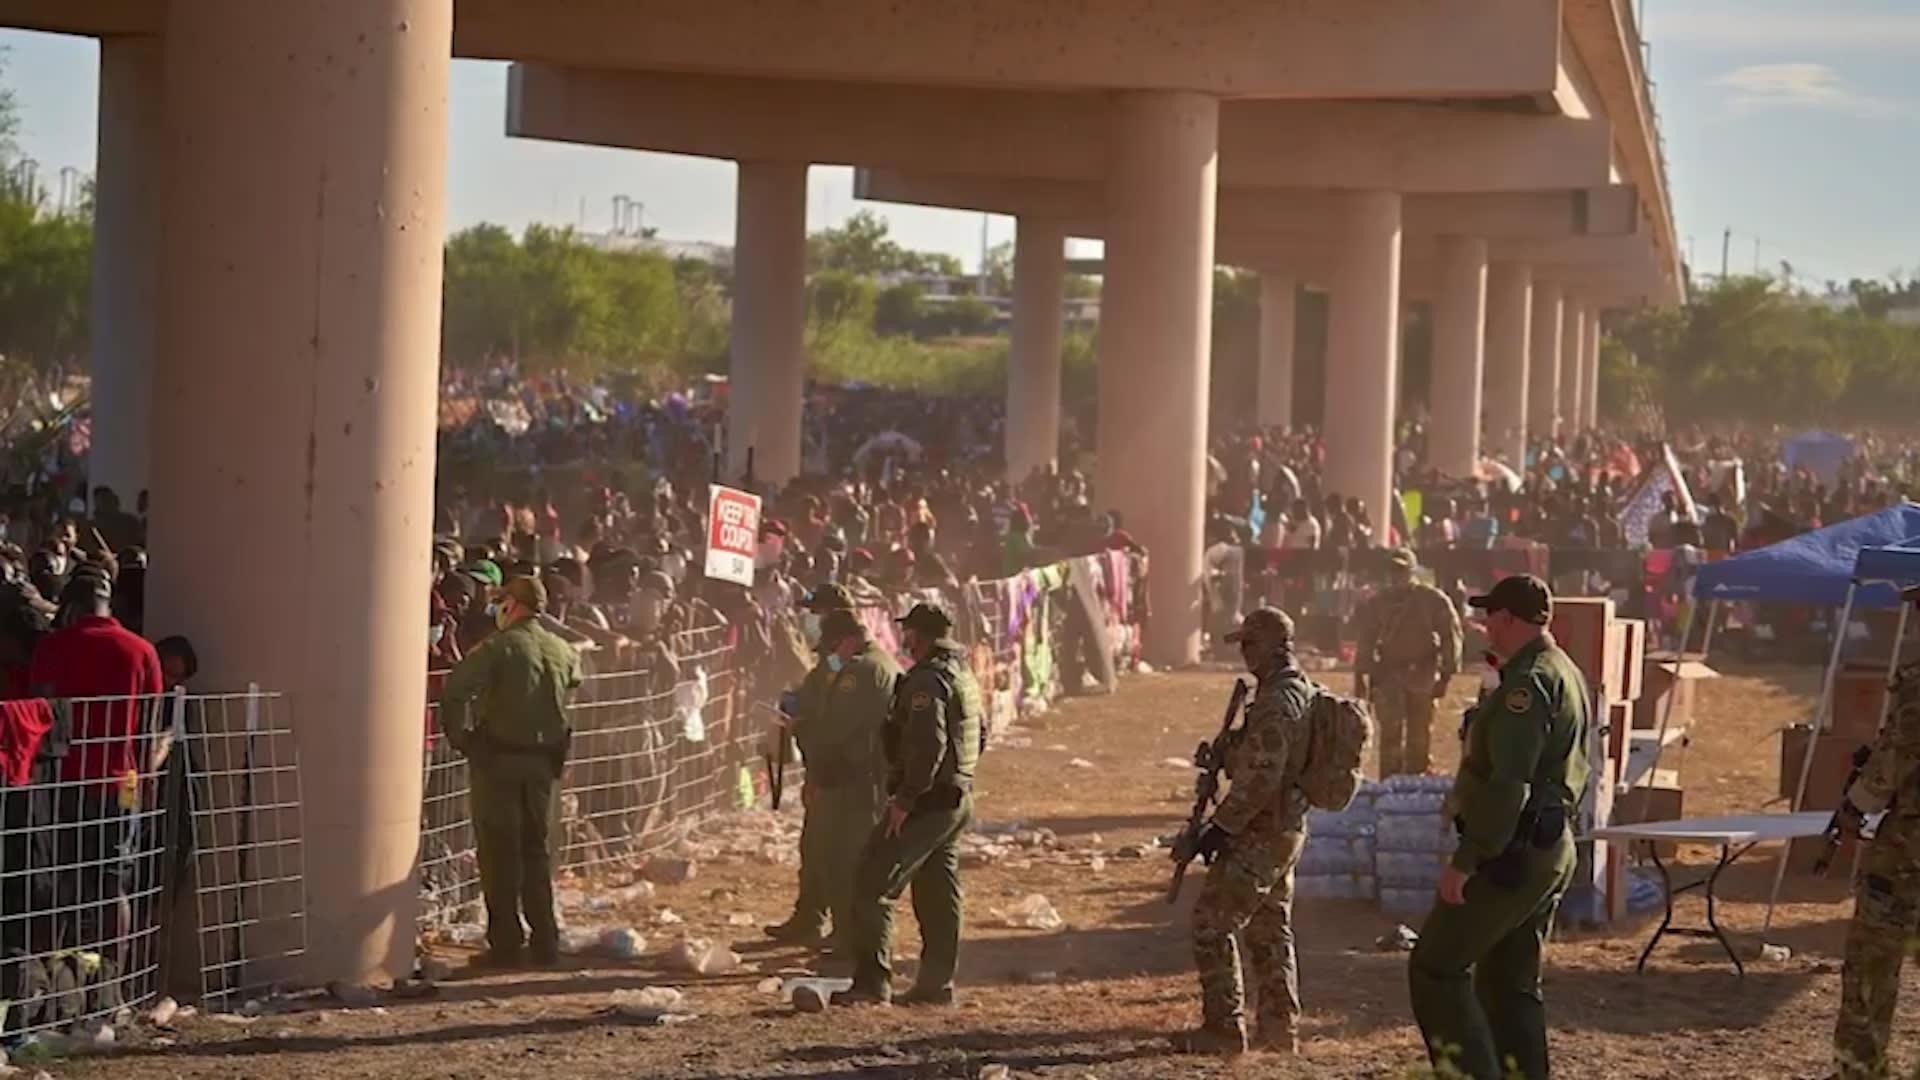 يعيشون تحت جسر.. آلاف المهاجرين يحاولون دخول الولايات المتحدة